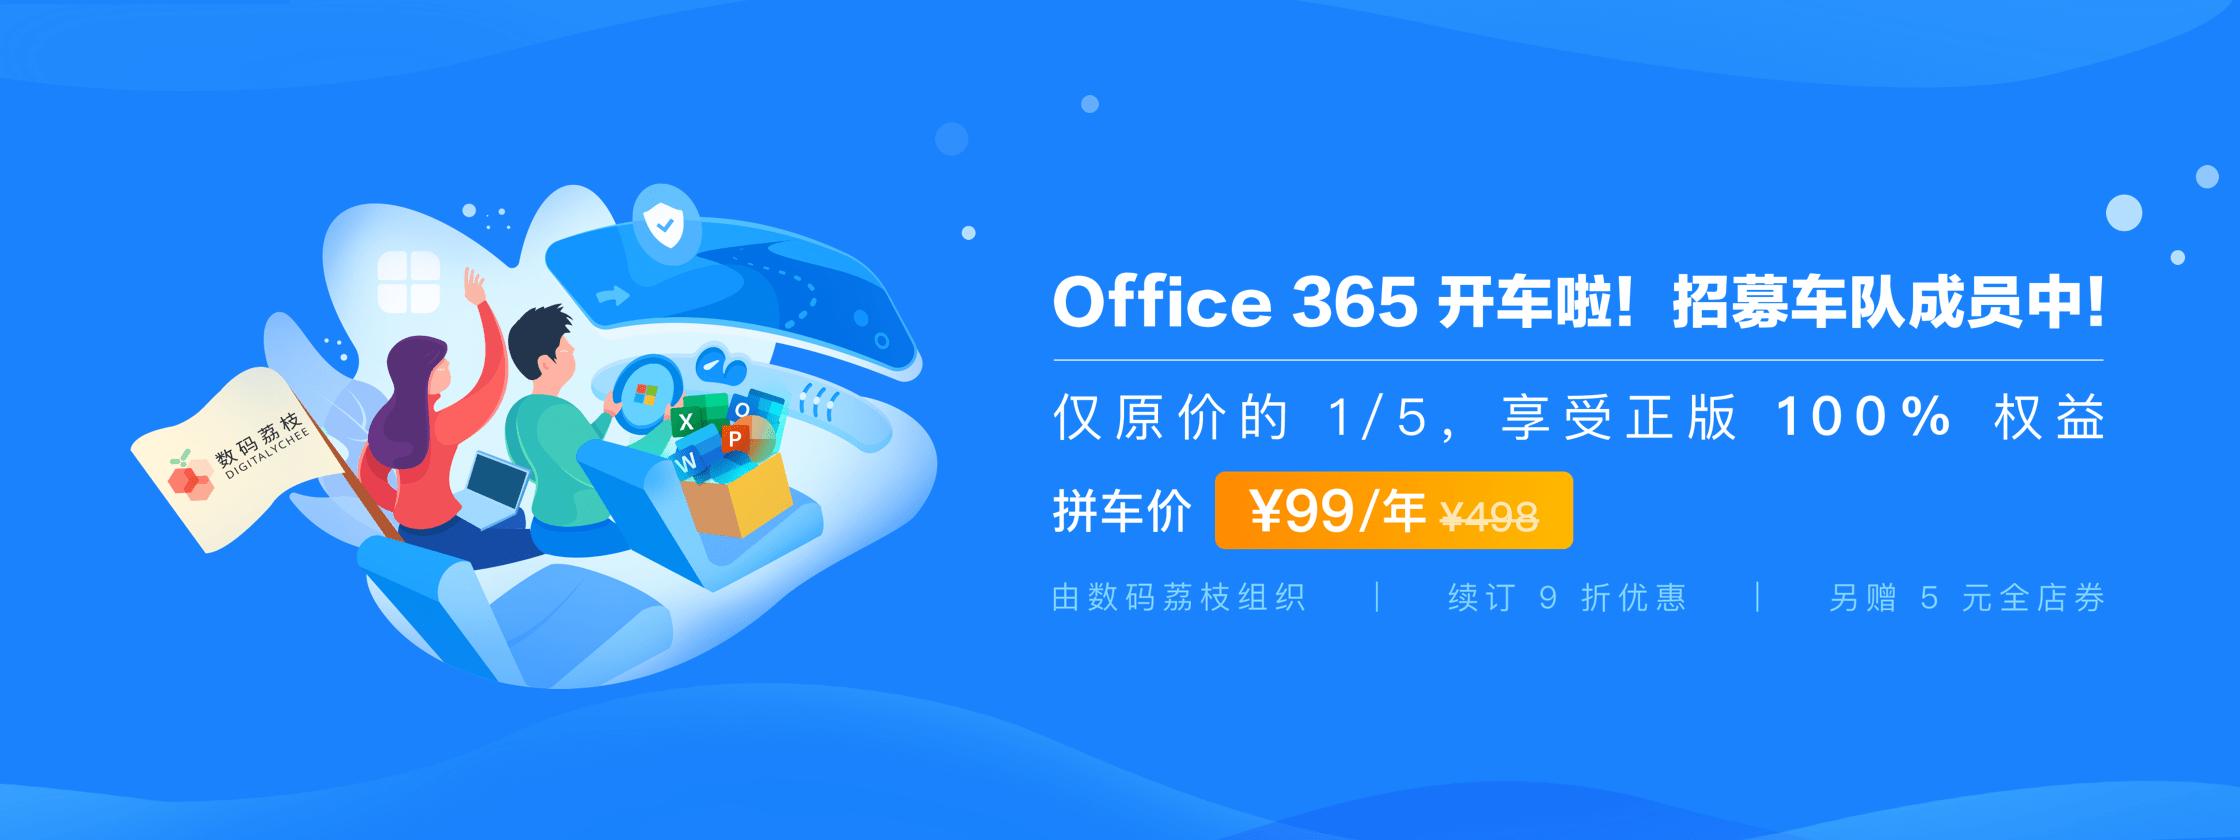 Office 365 数码荔枝组队开车啦!拼车价仅 99 元,一图看懂所有福利!